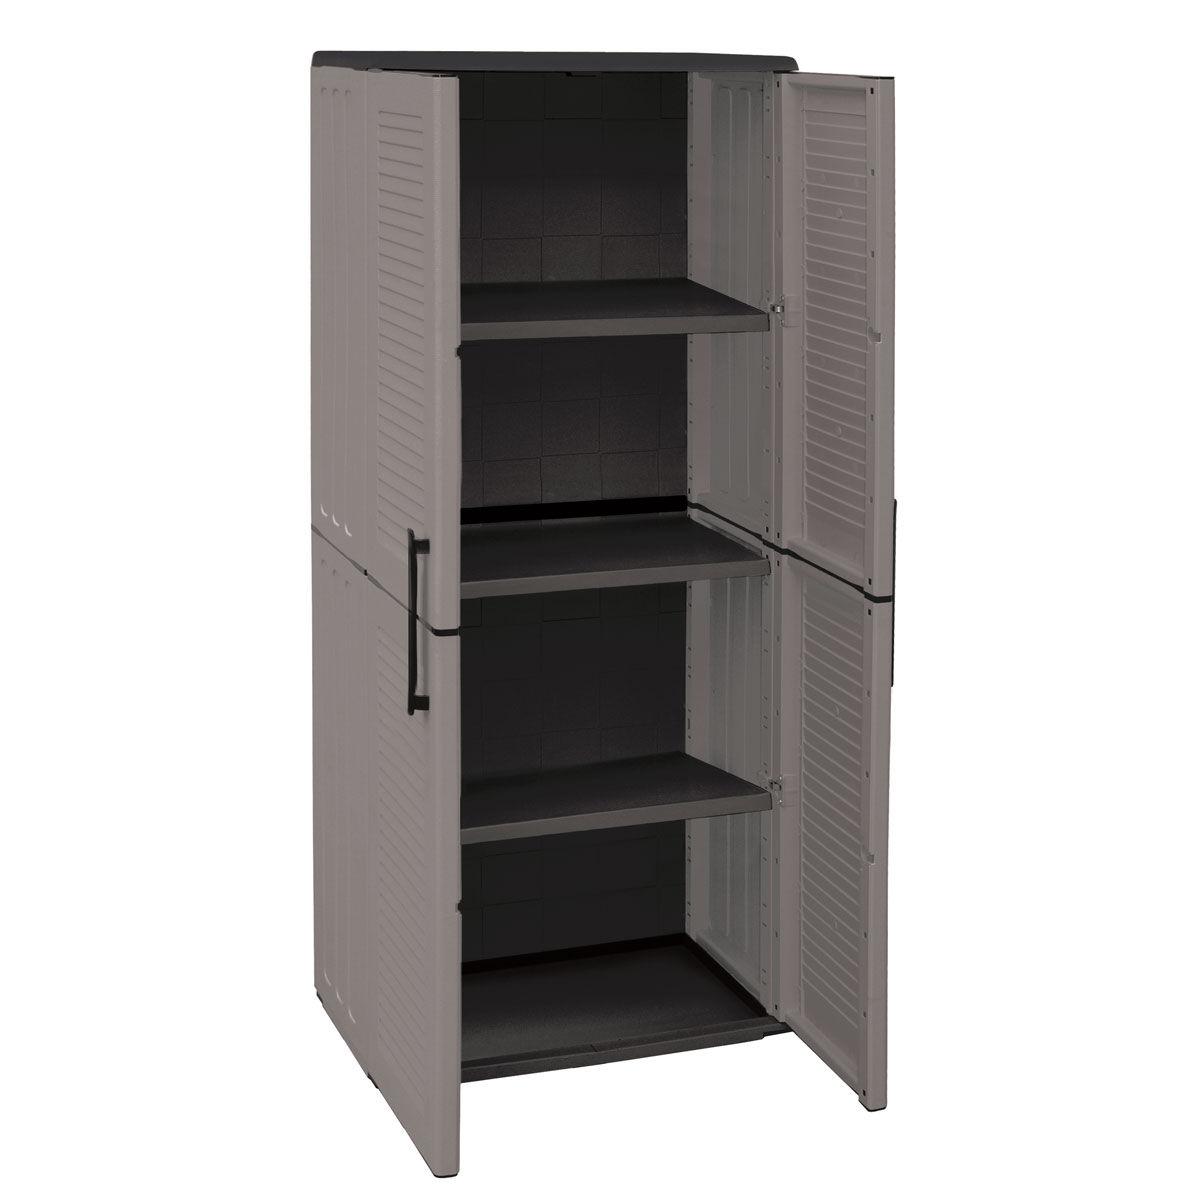 Armarios de pl stico con estantes regulables - Estantes para armarios ...